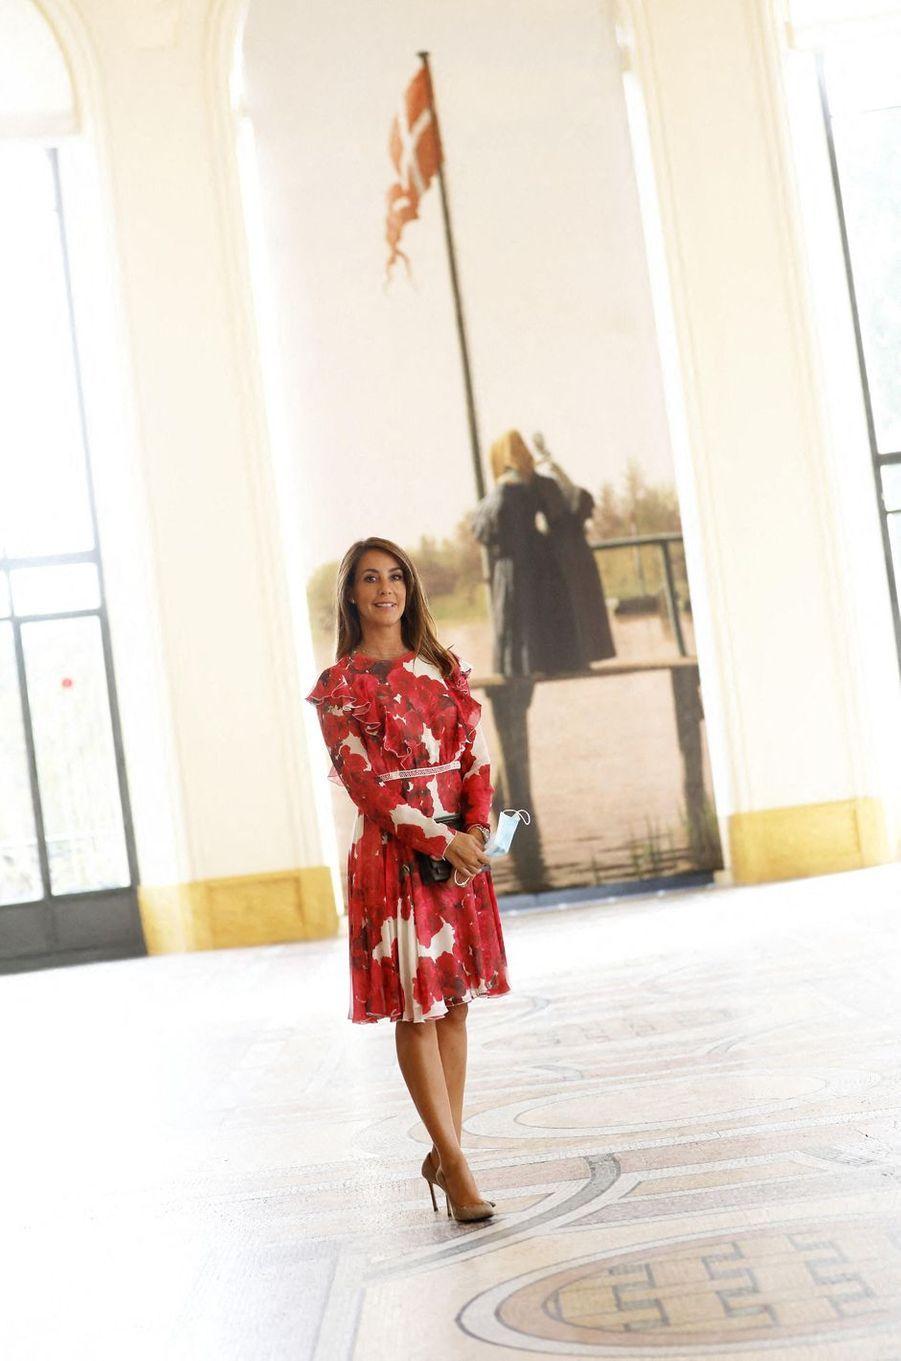 La princesse Marie de Danemark au Petit Palais à Paris, le 18 septembre 2020